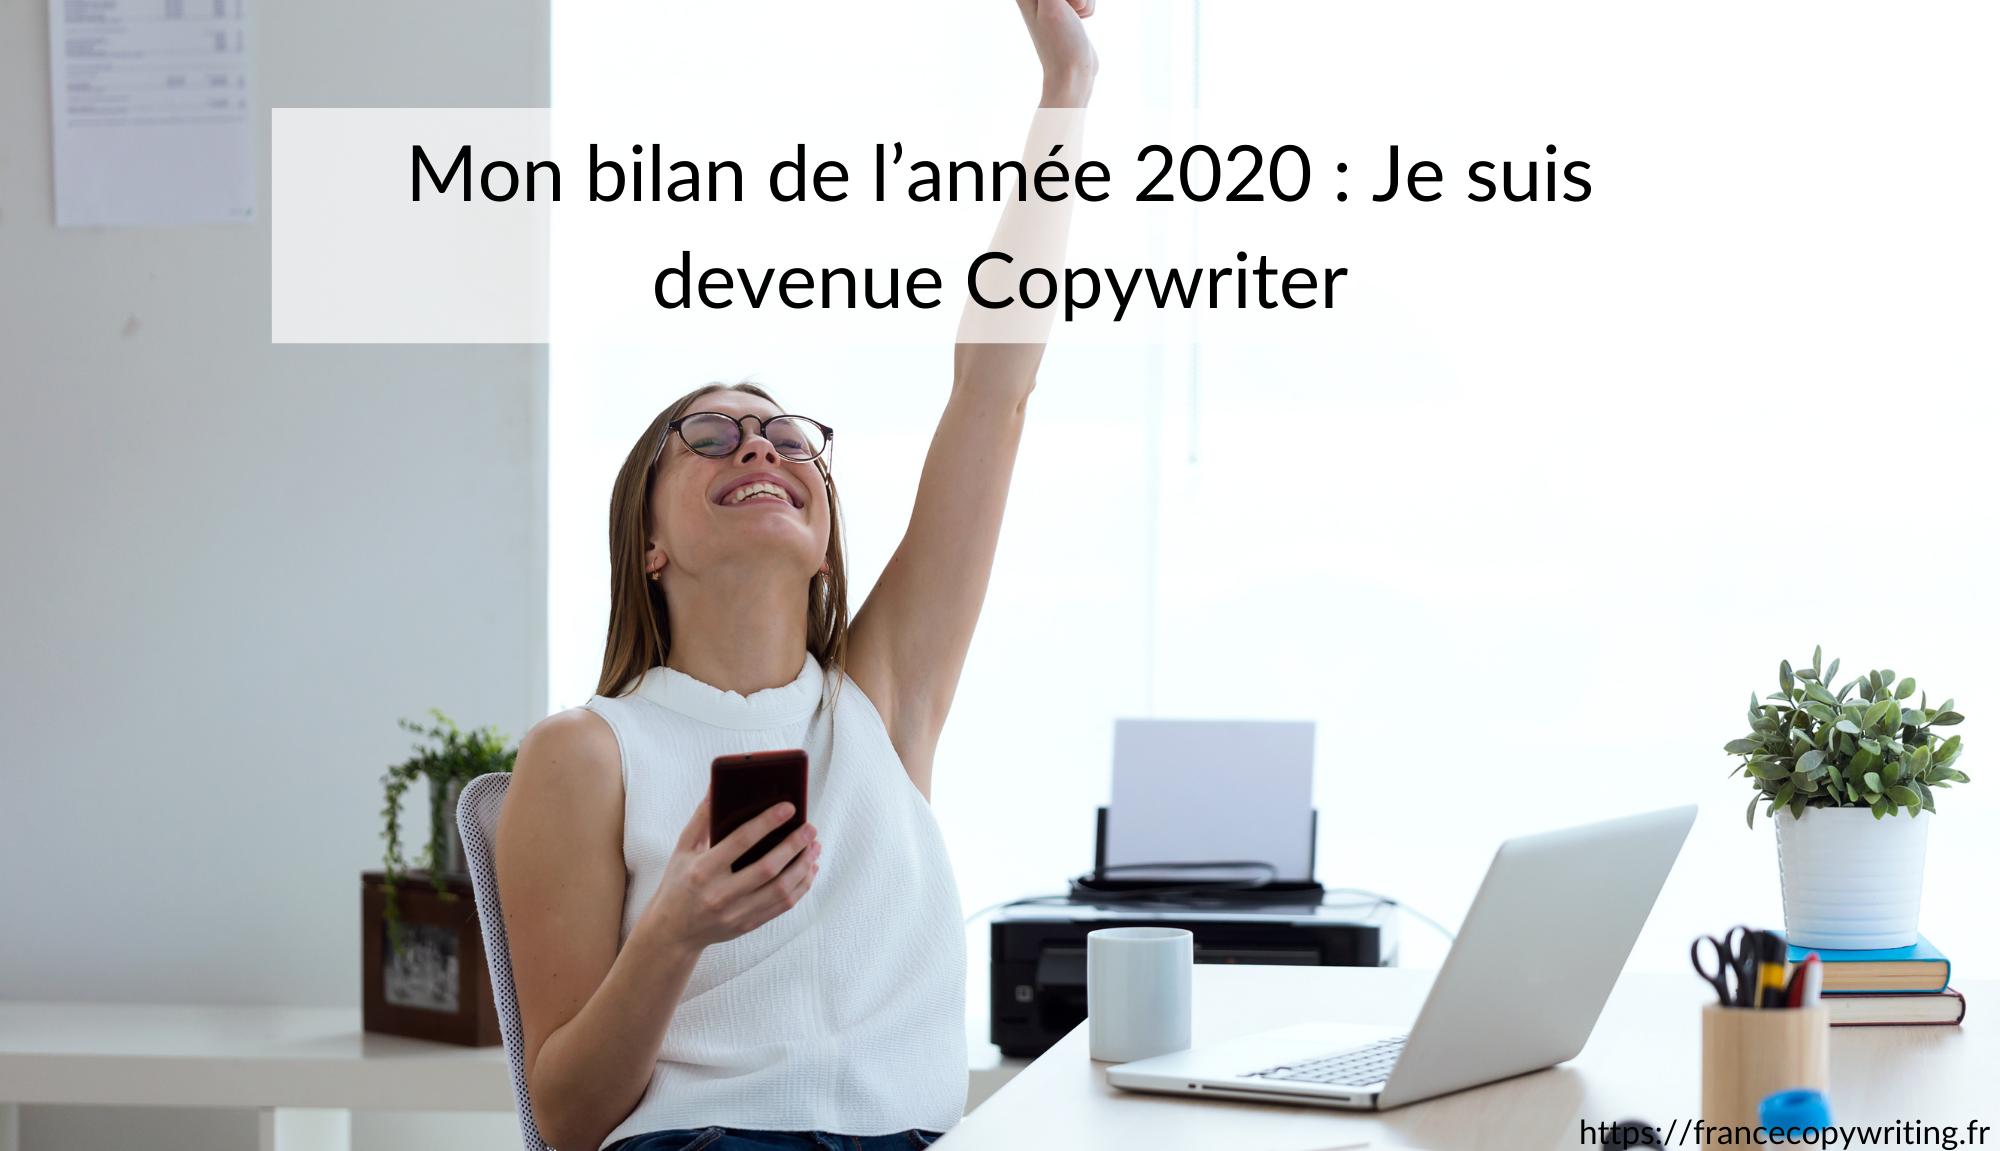 Mon bilan de l'année 2020 Je suis devenue Copywriter